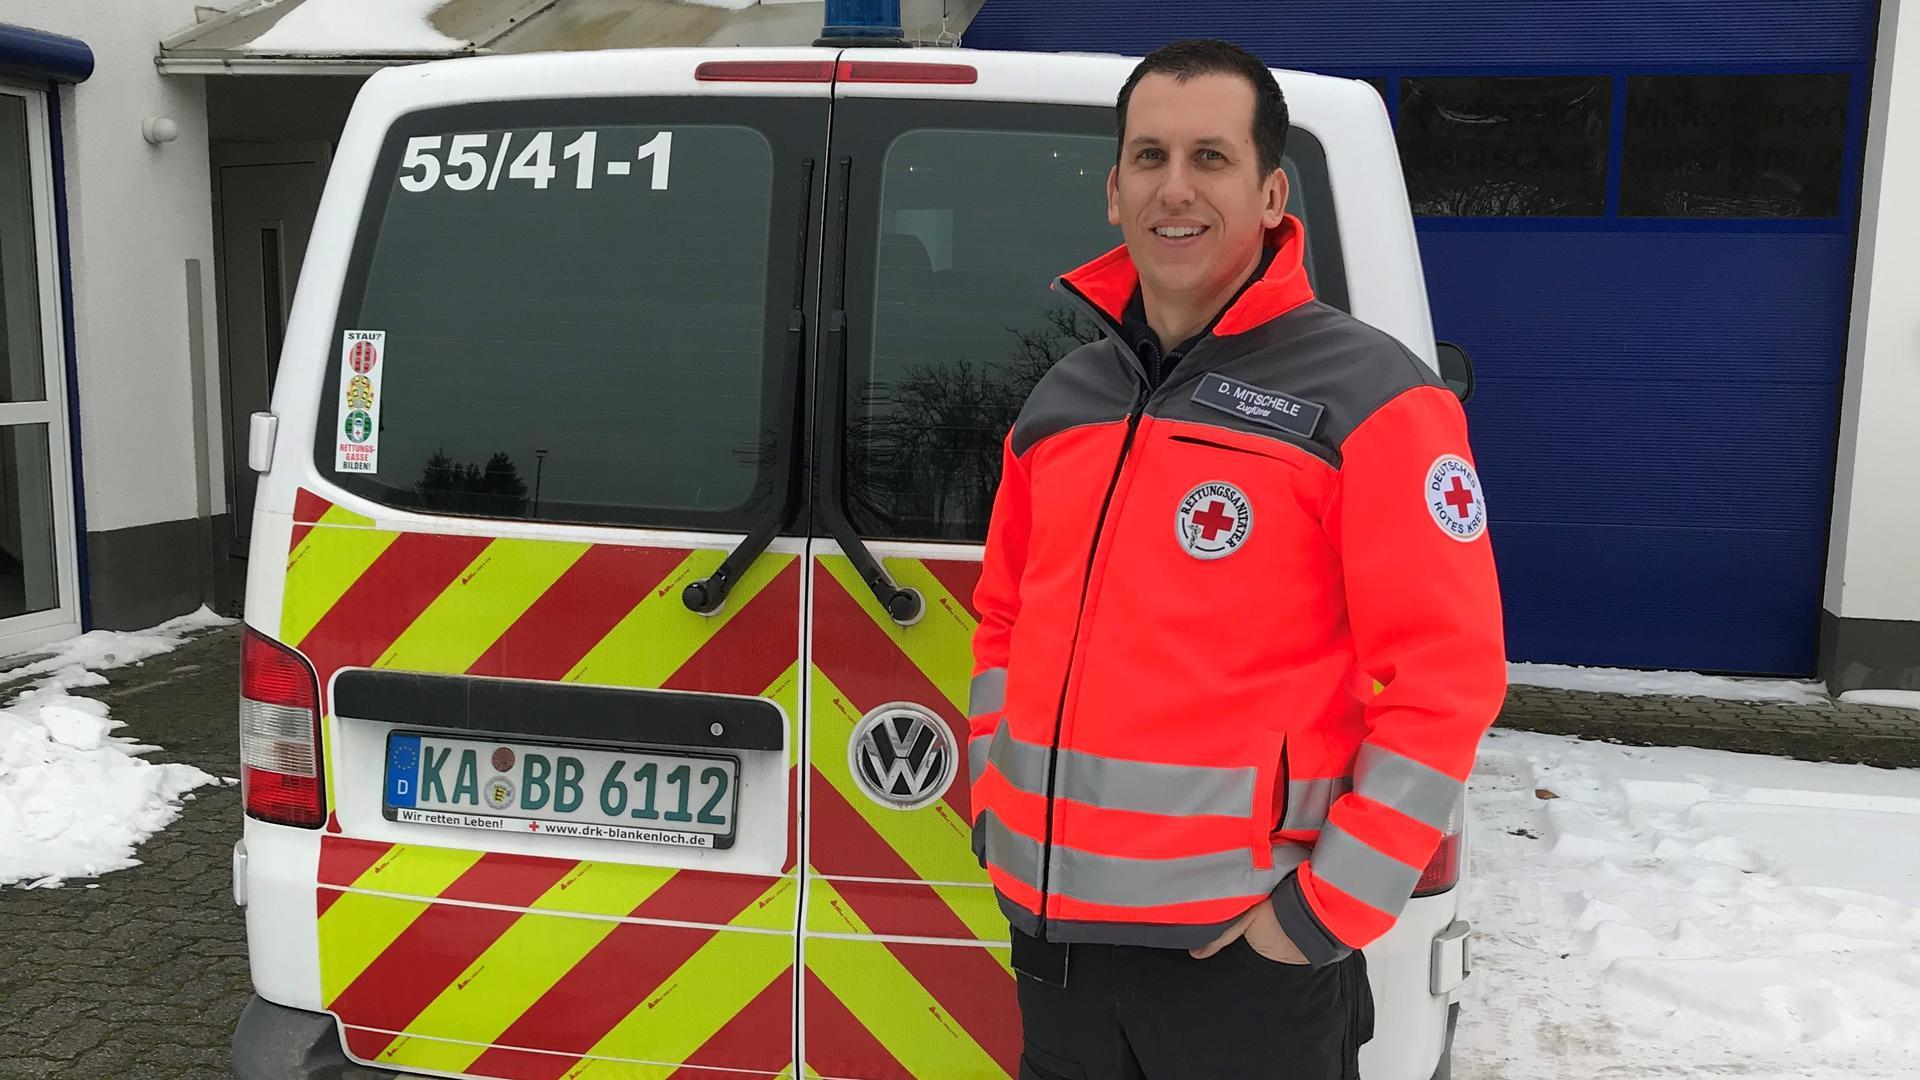 Ehrenamtlicher beim Deutschen Roten Kreuz, Daniel Mitschele, vor der Wache in Blankenloch. Ein Einsatzfahrzeug im Hintergrund.